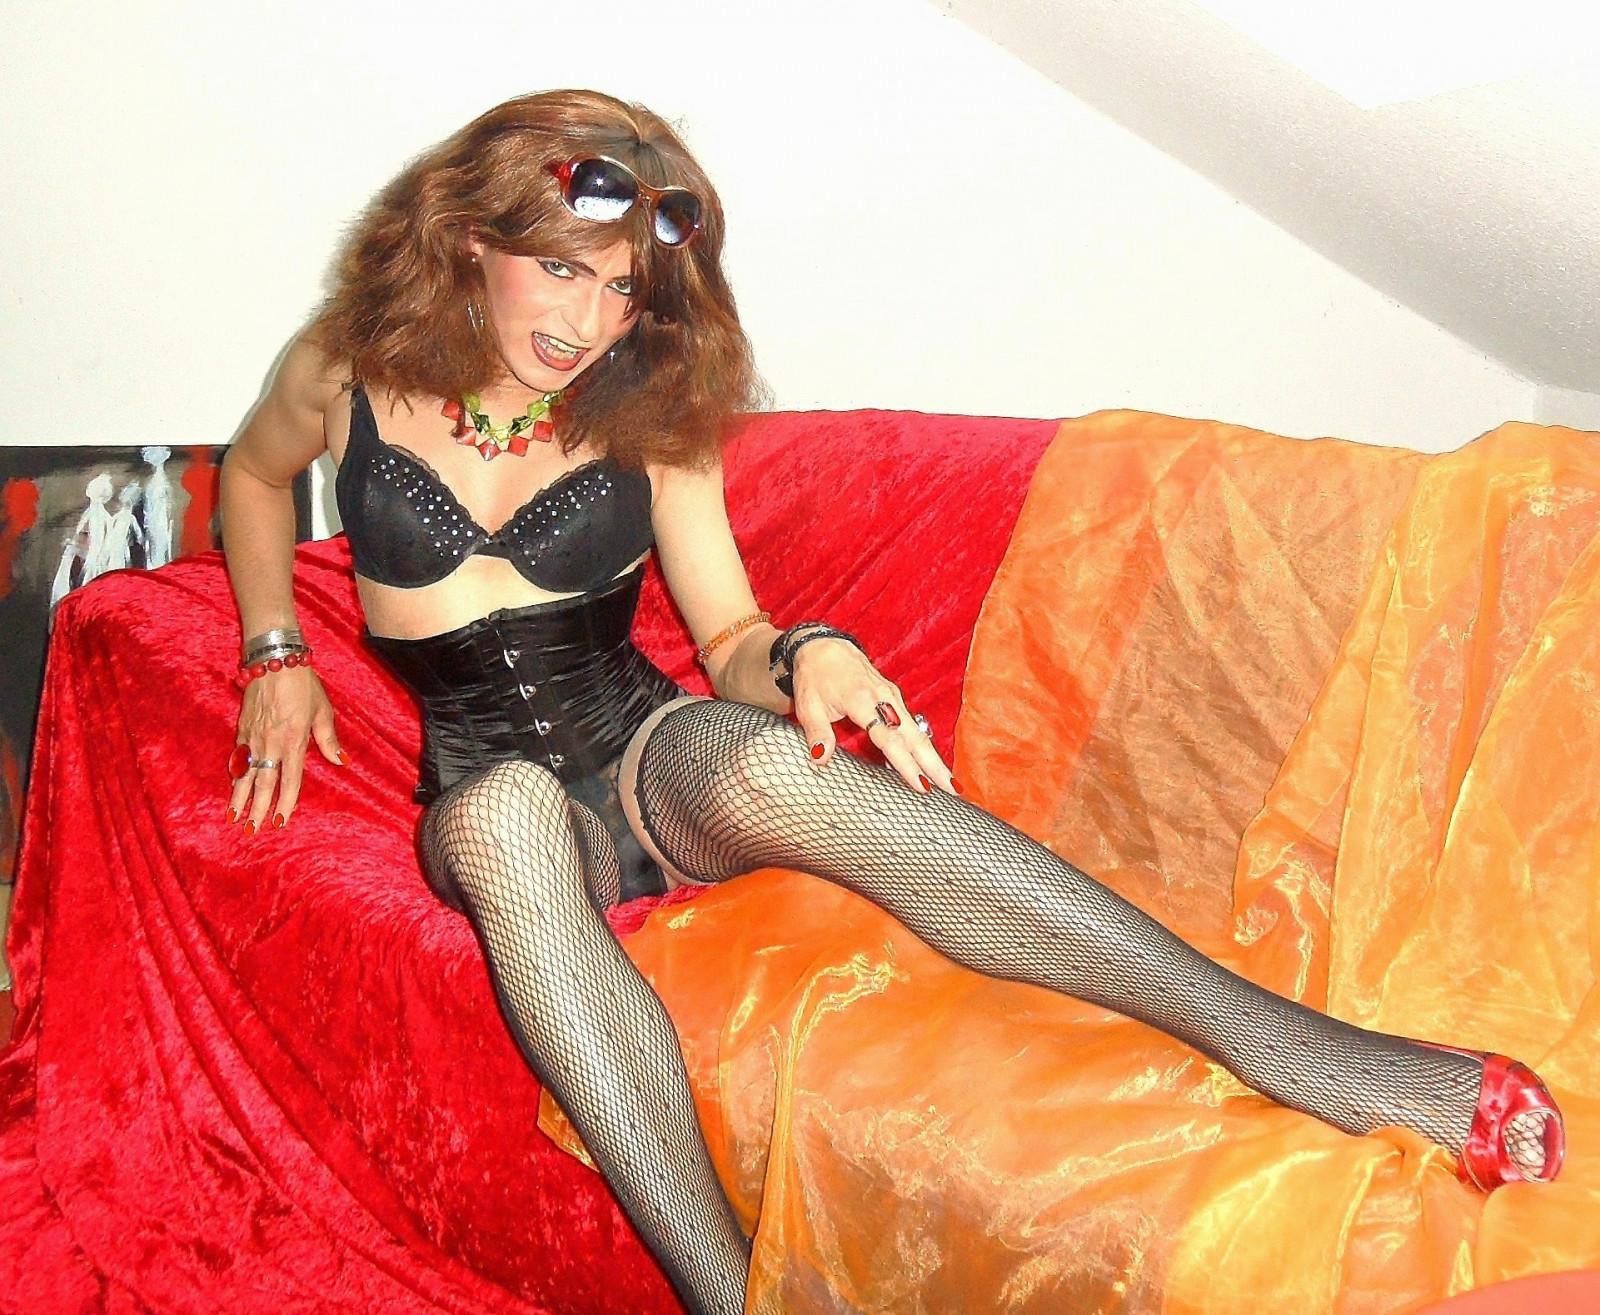 skolko-stoit-chas-transvestita-domashnee-russkoe-porno-s-ocharovatelnoy-blondinochkoy